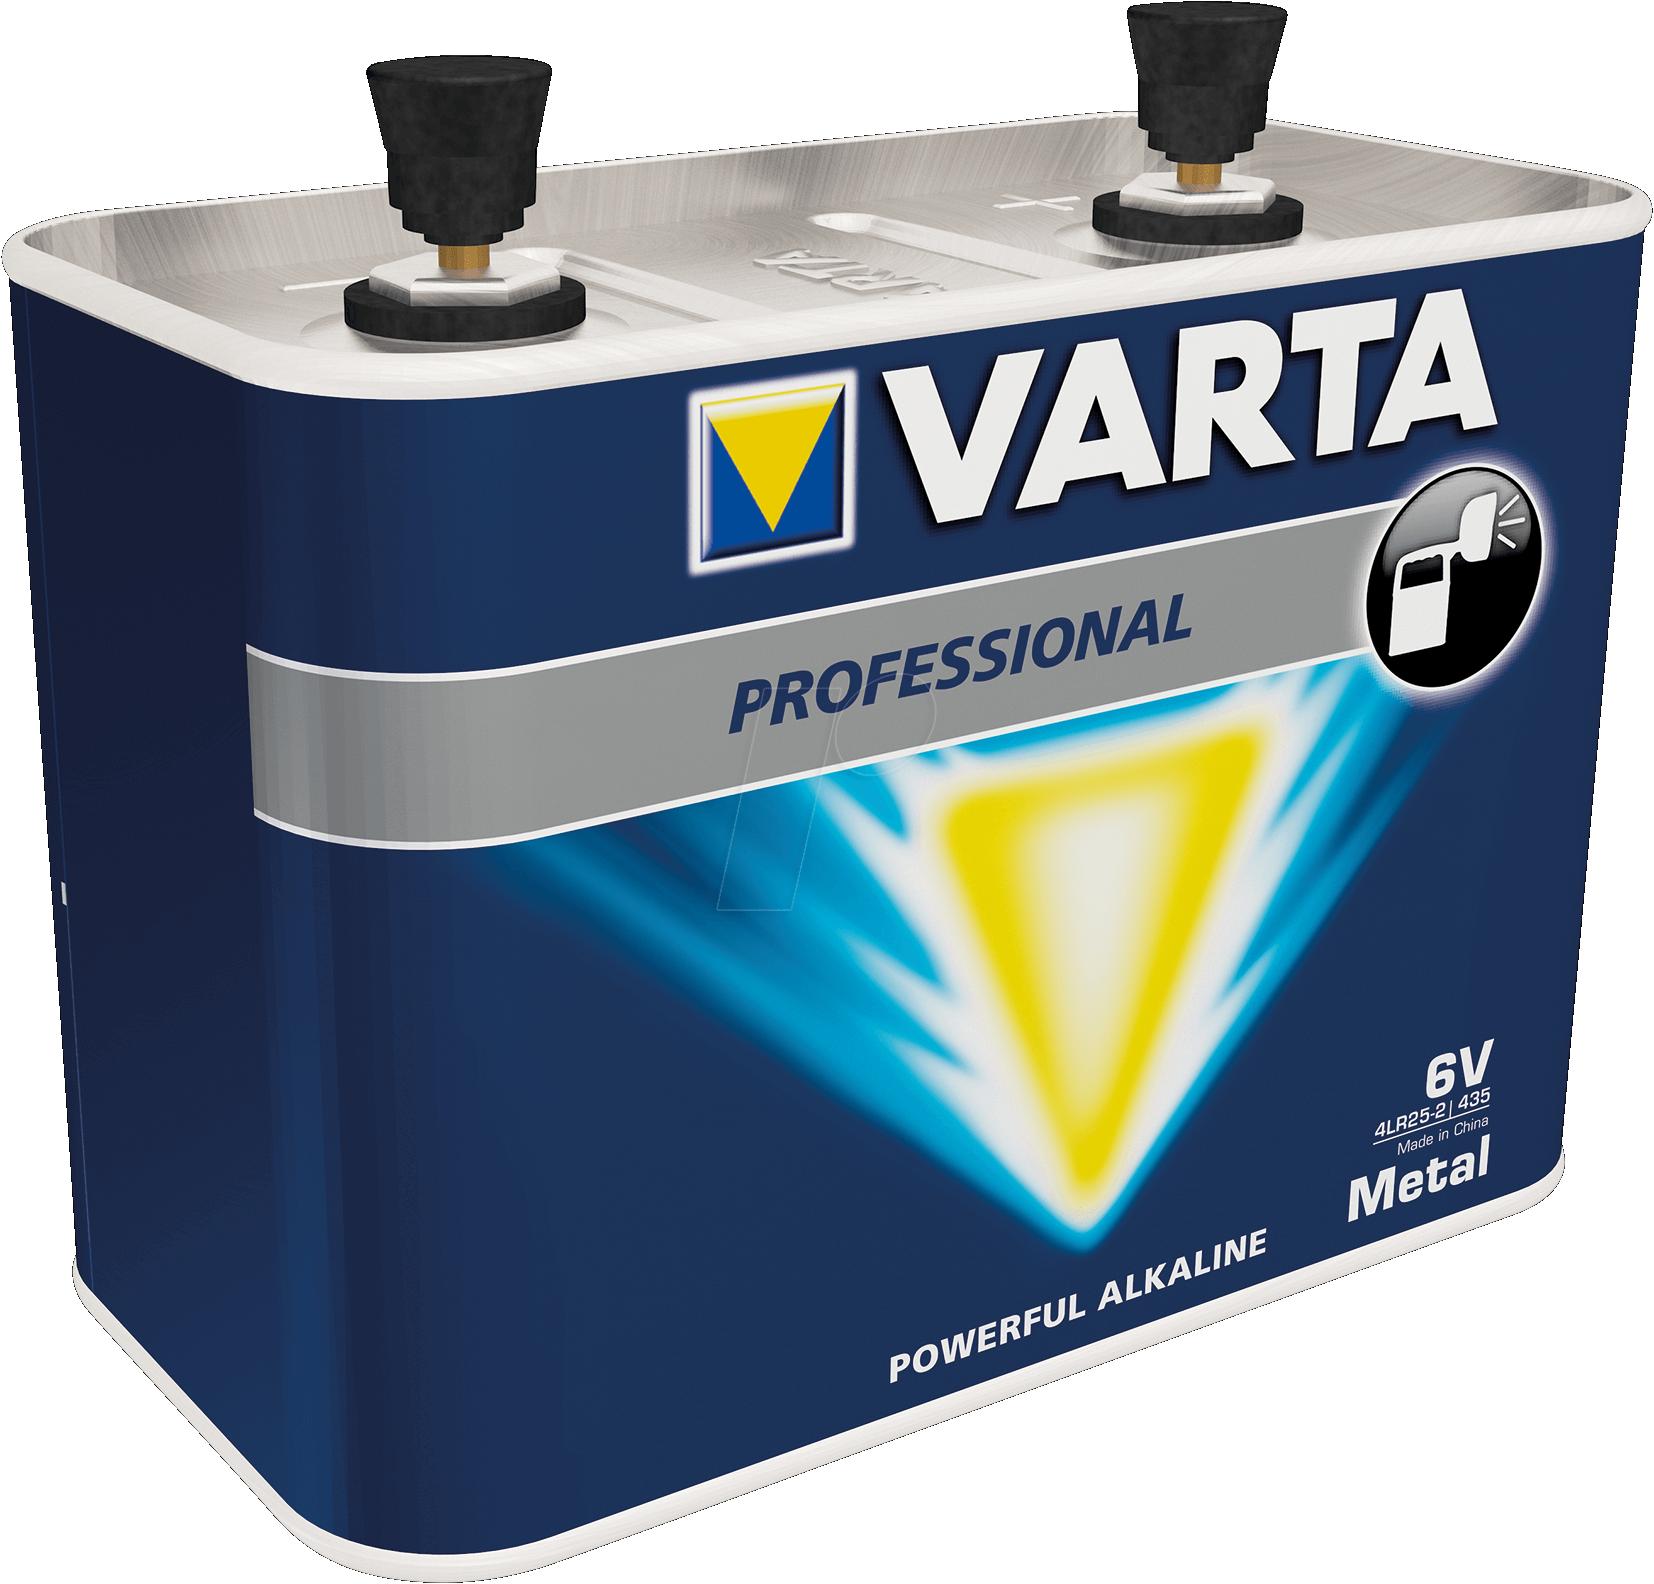 4LR25-2 Varta 435 Alkaline 6V